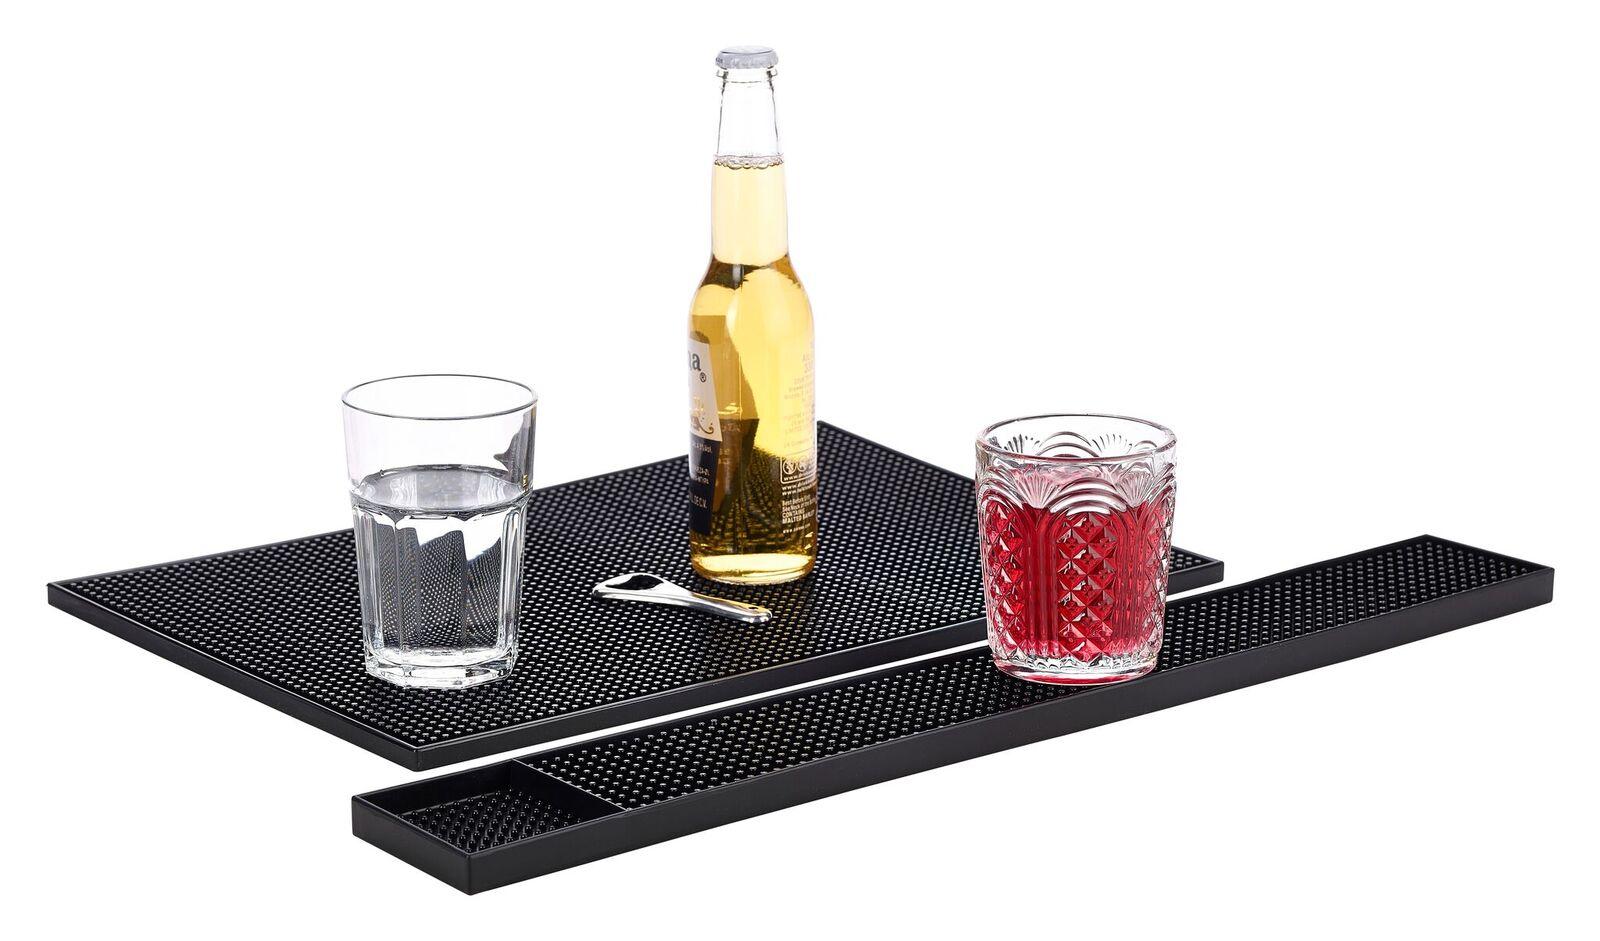 Shelf Liners & Drip Trays